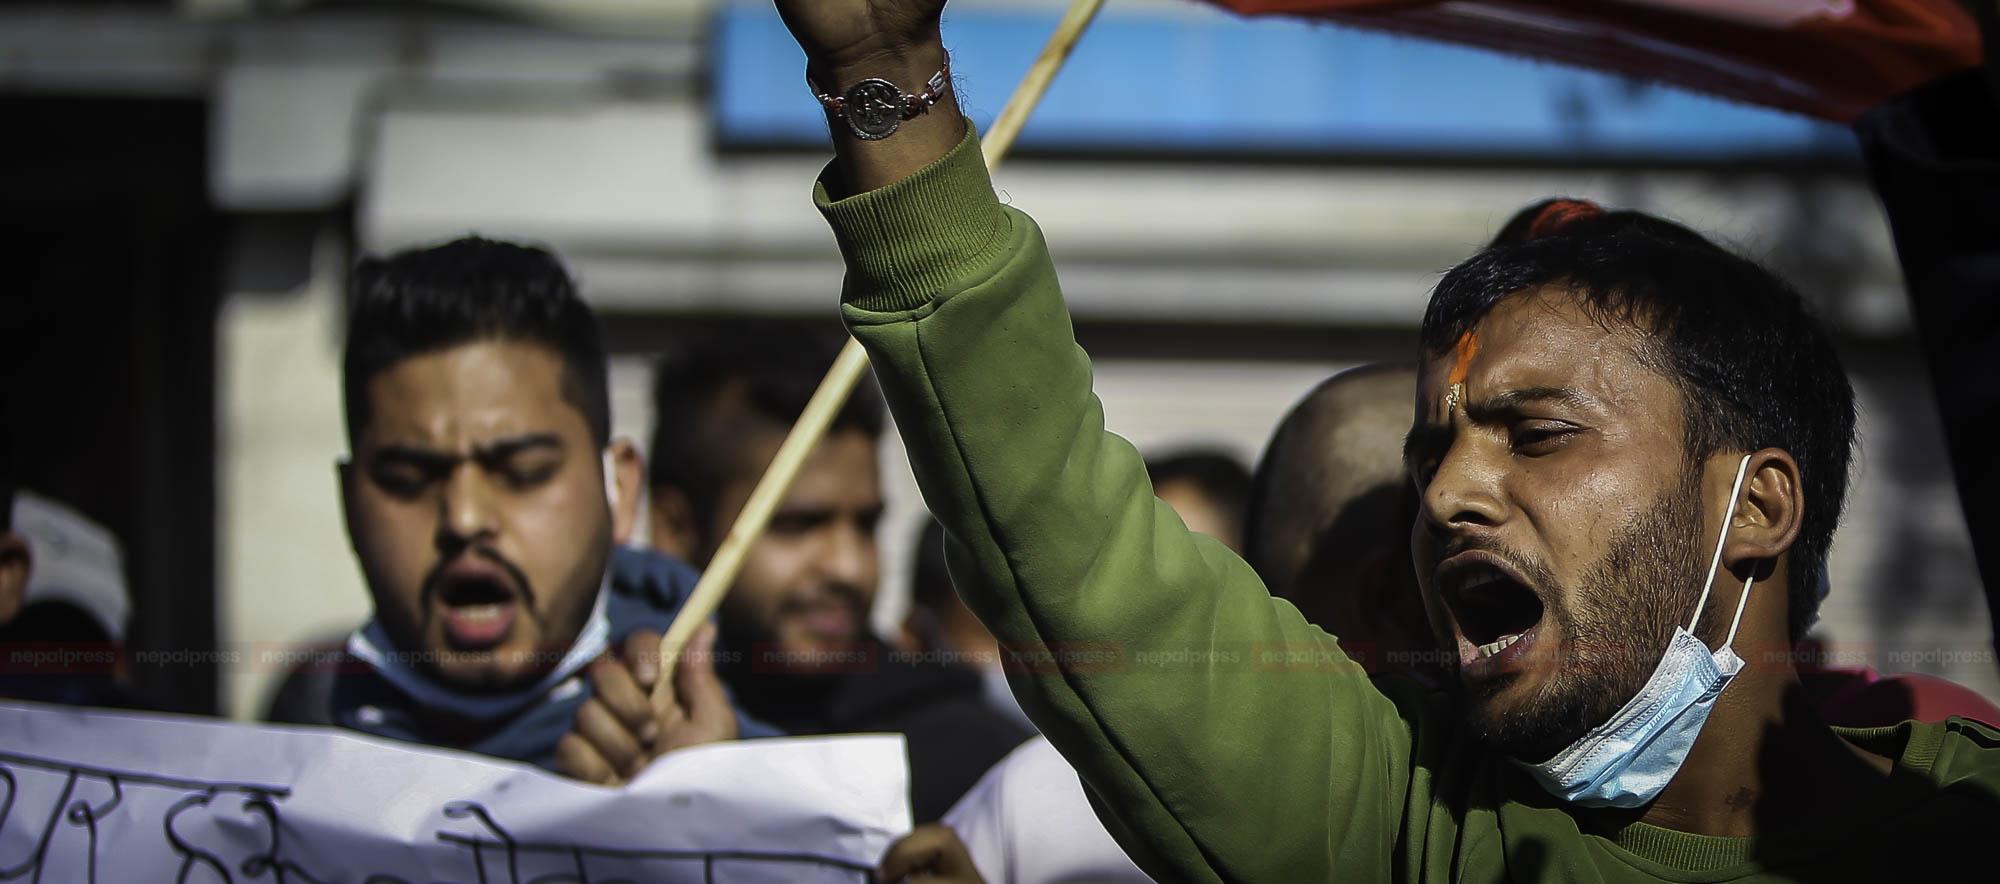 सरकारको विरोधमा 'नेविसंघको उल्टो यात्रा' (फोटो फिचर)